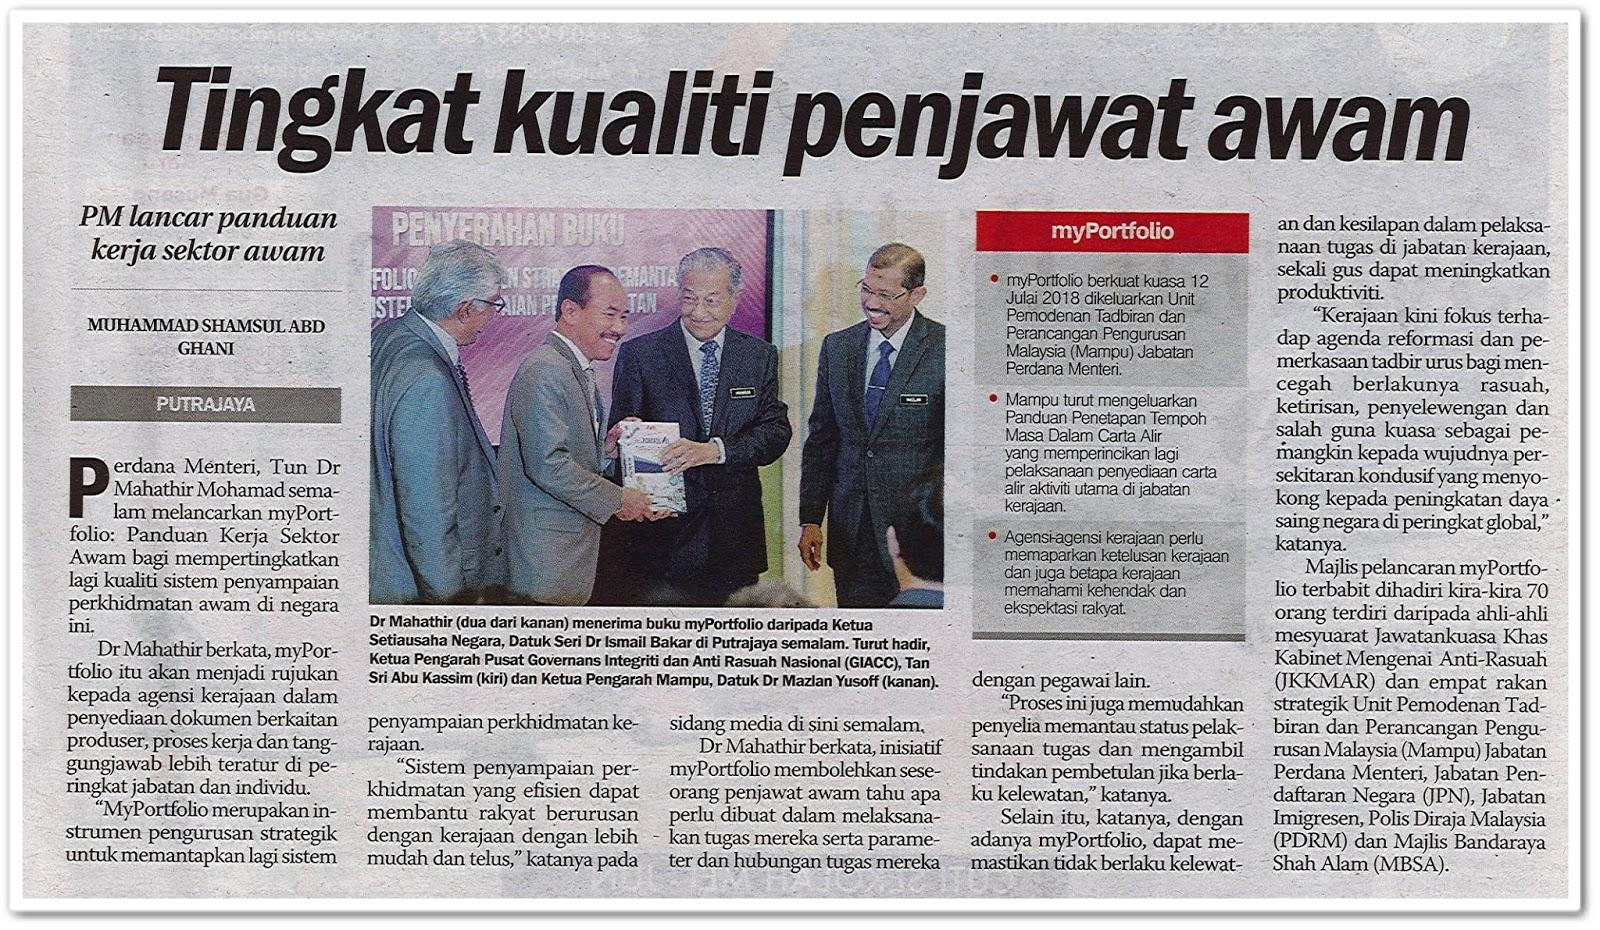 Tingkat kualiti penjawat awam - Keratan akhbar Sinar Harian 15 Mei 2019